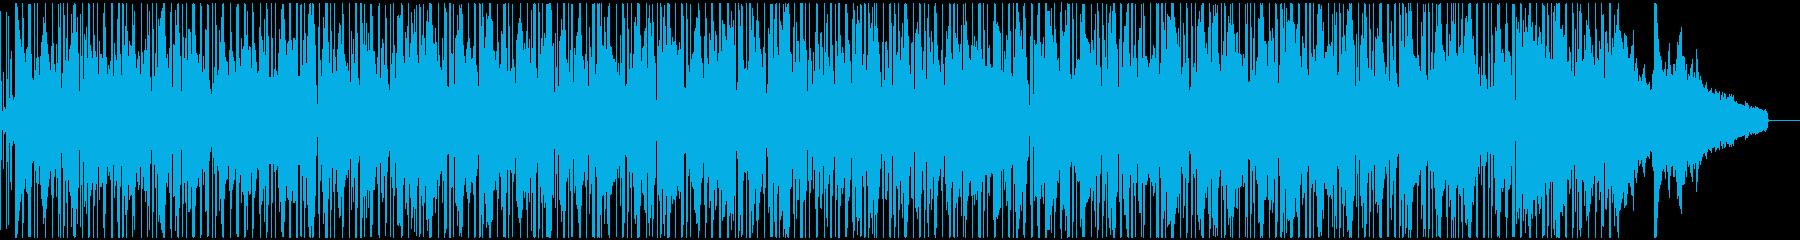 ピアニカの小気味良いイージーリスニングの再生済みの波形